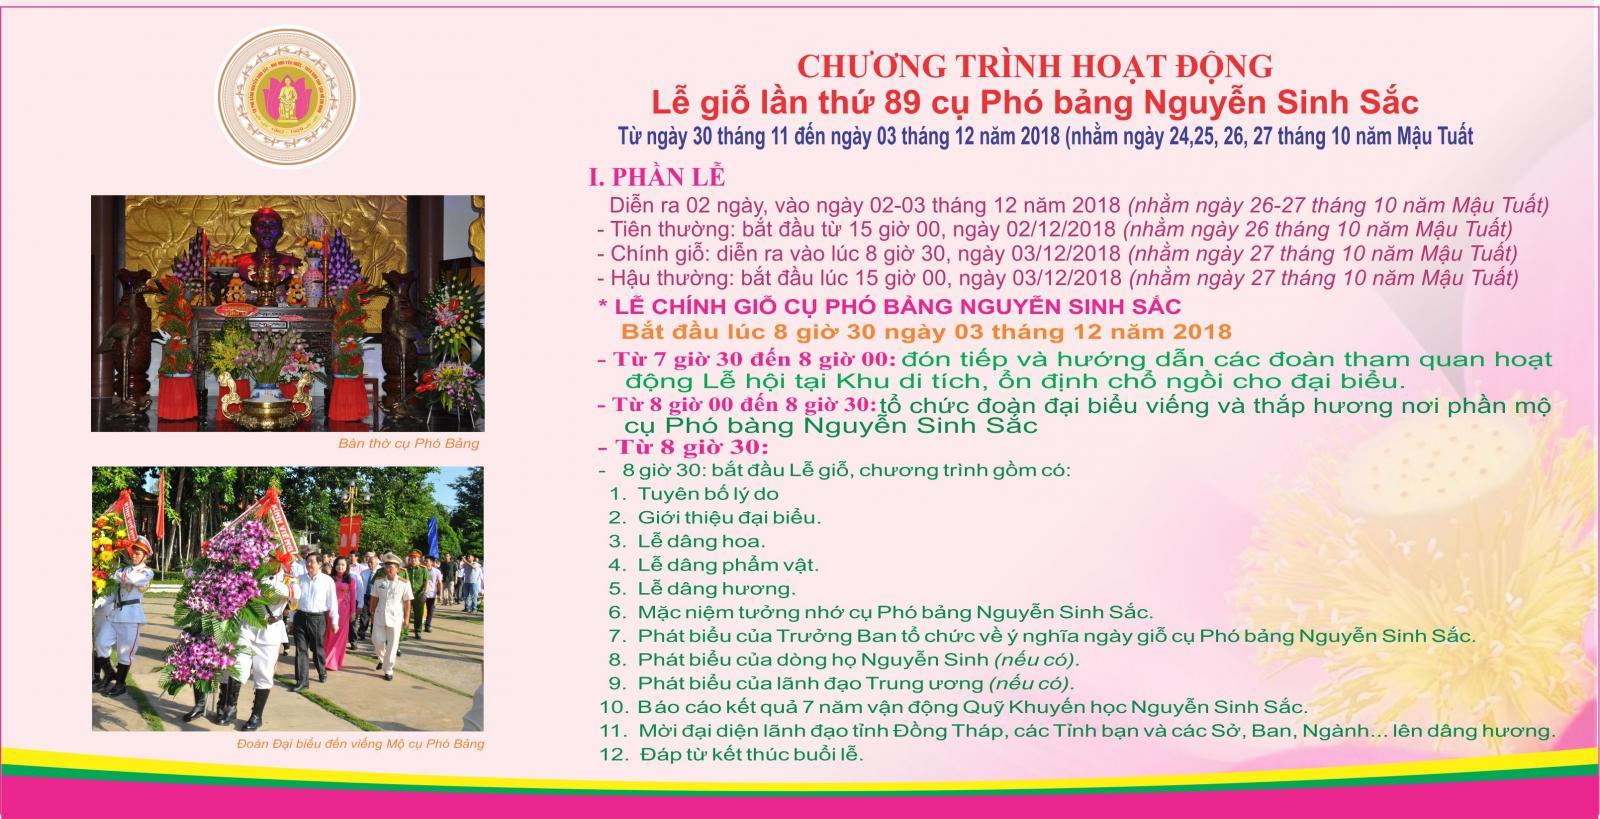 Chương trình hoạt động Lễ giỗ lần thứ 90 của Cụ phó bảng Nguyễn Sinh Sắc